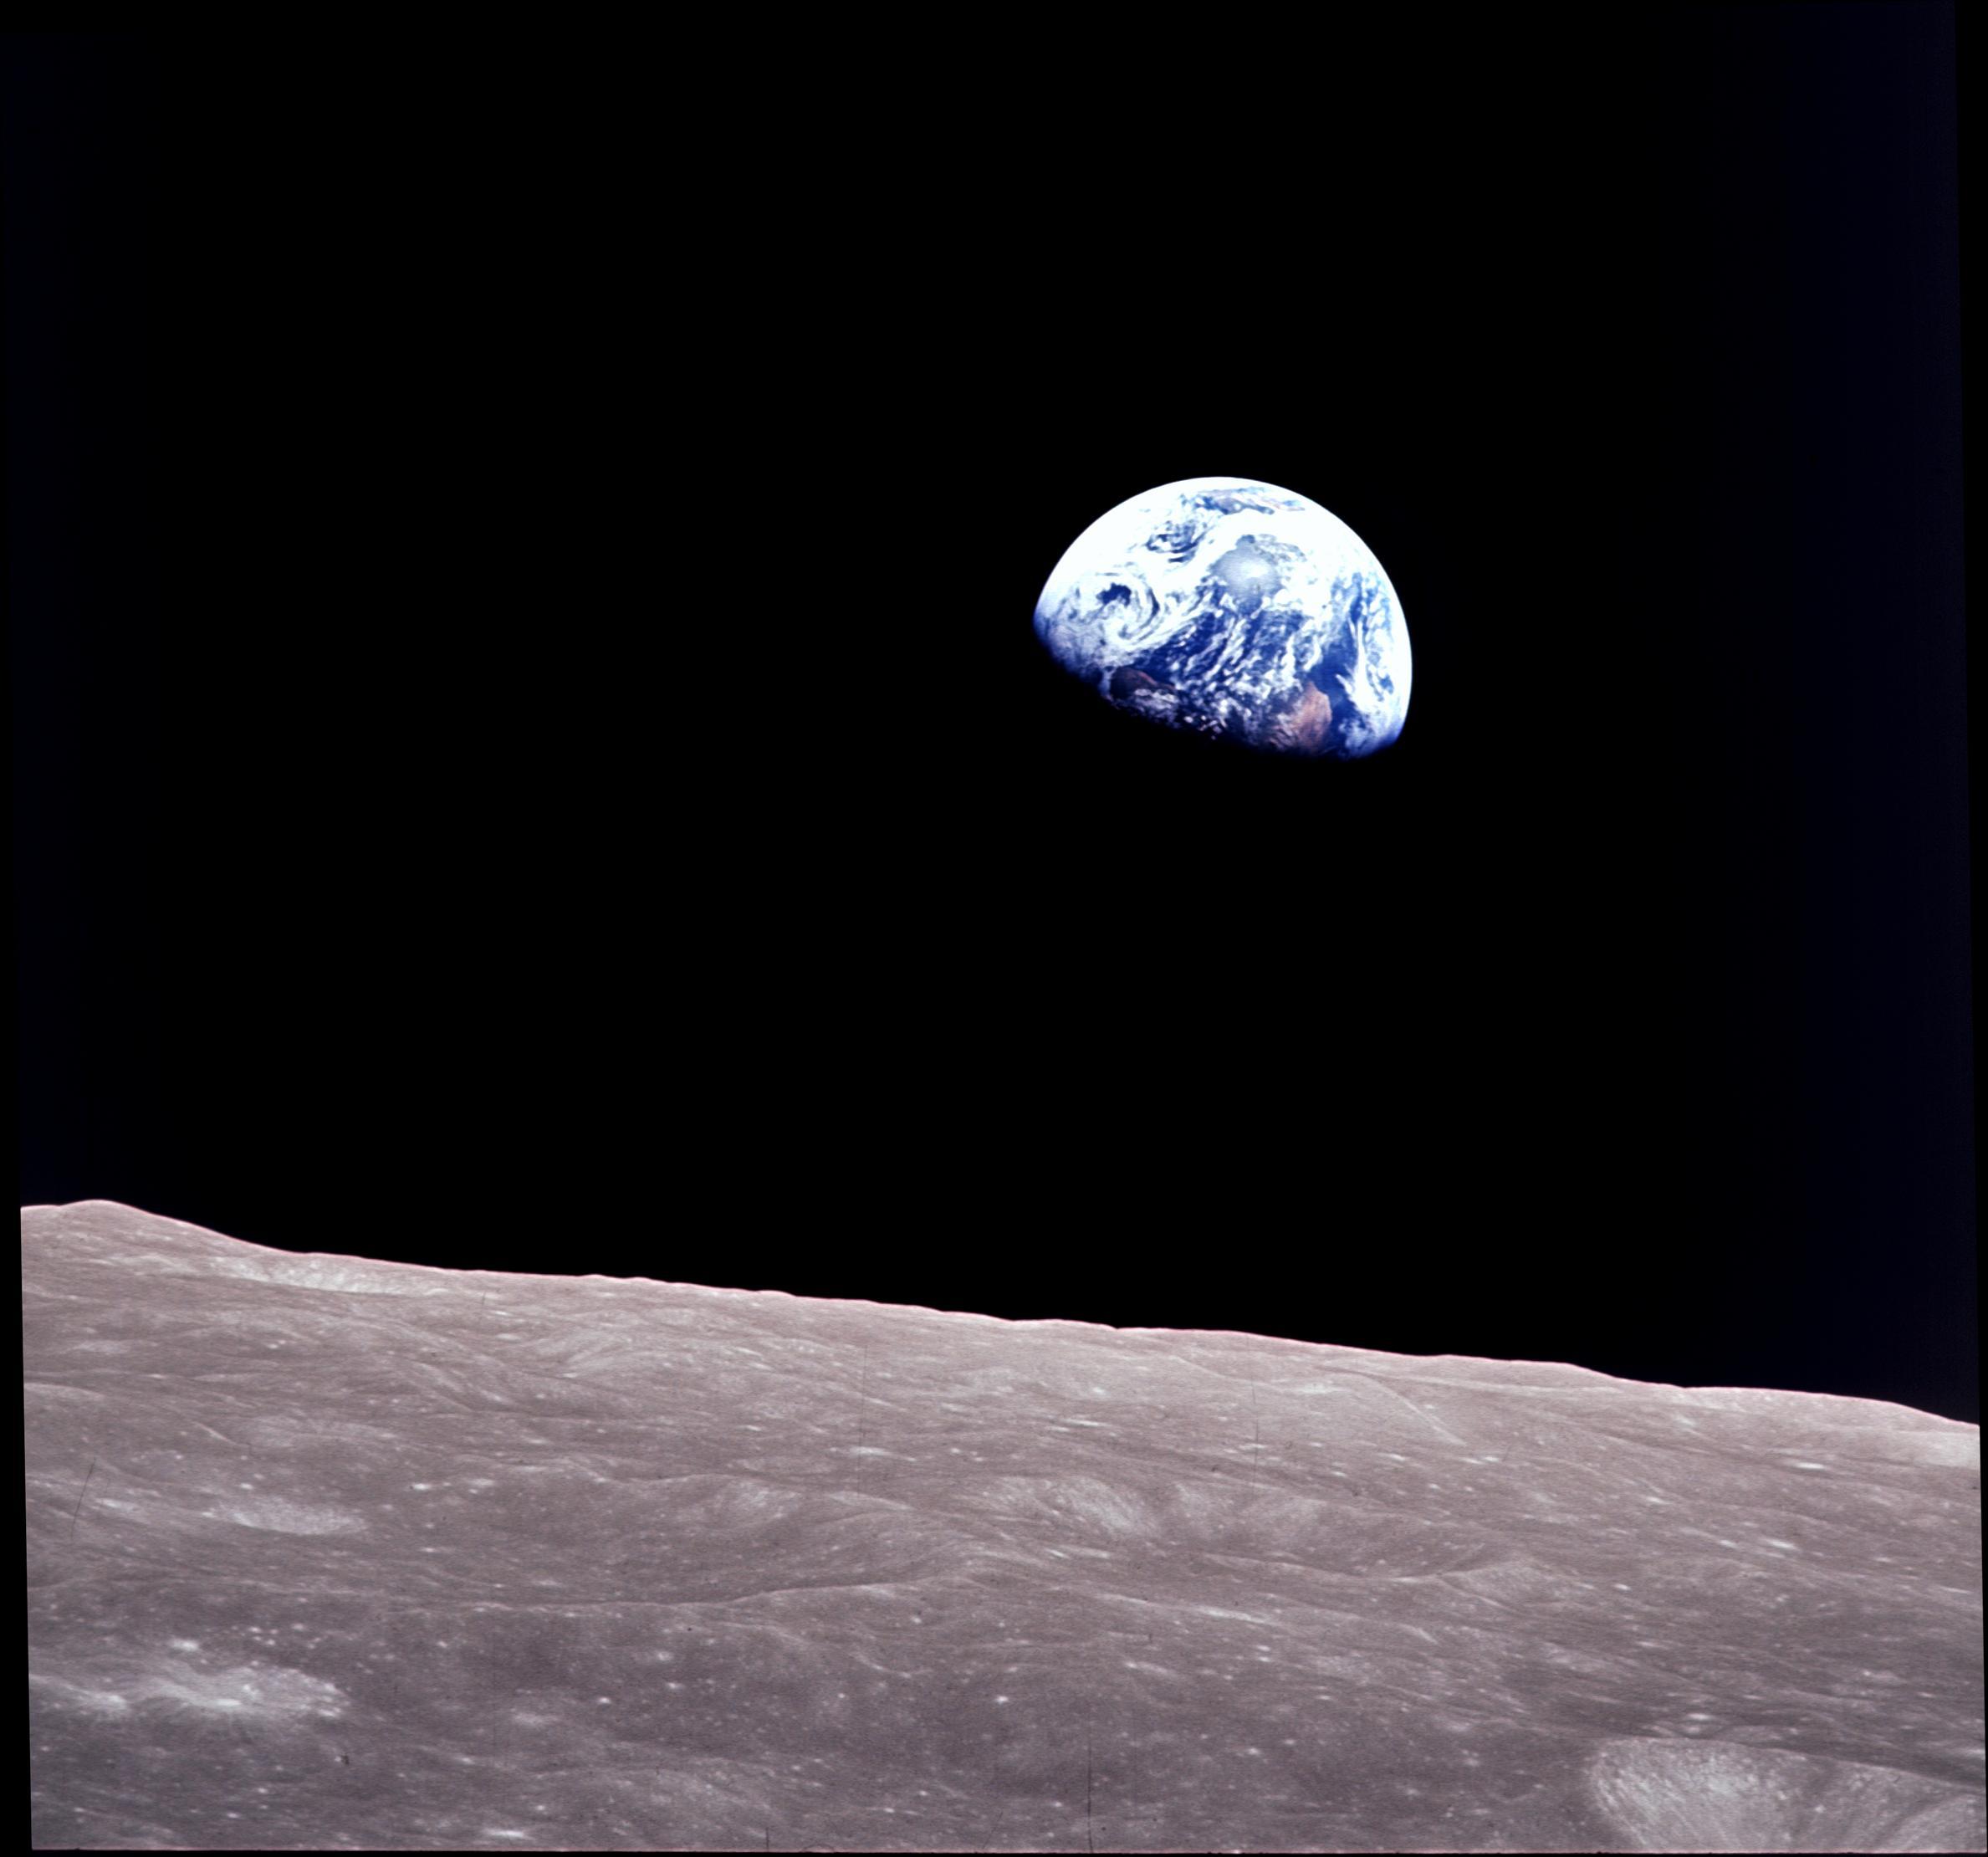 L'alba terrestre fotografata da Bill Anders (Apollo 8) il 22 dicembre 1968